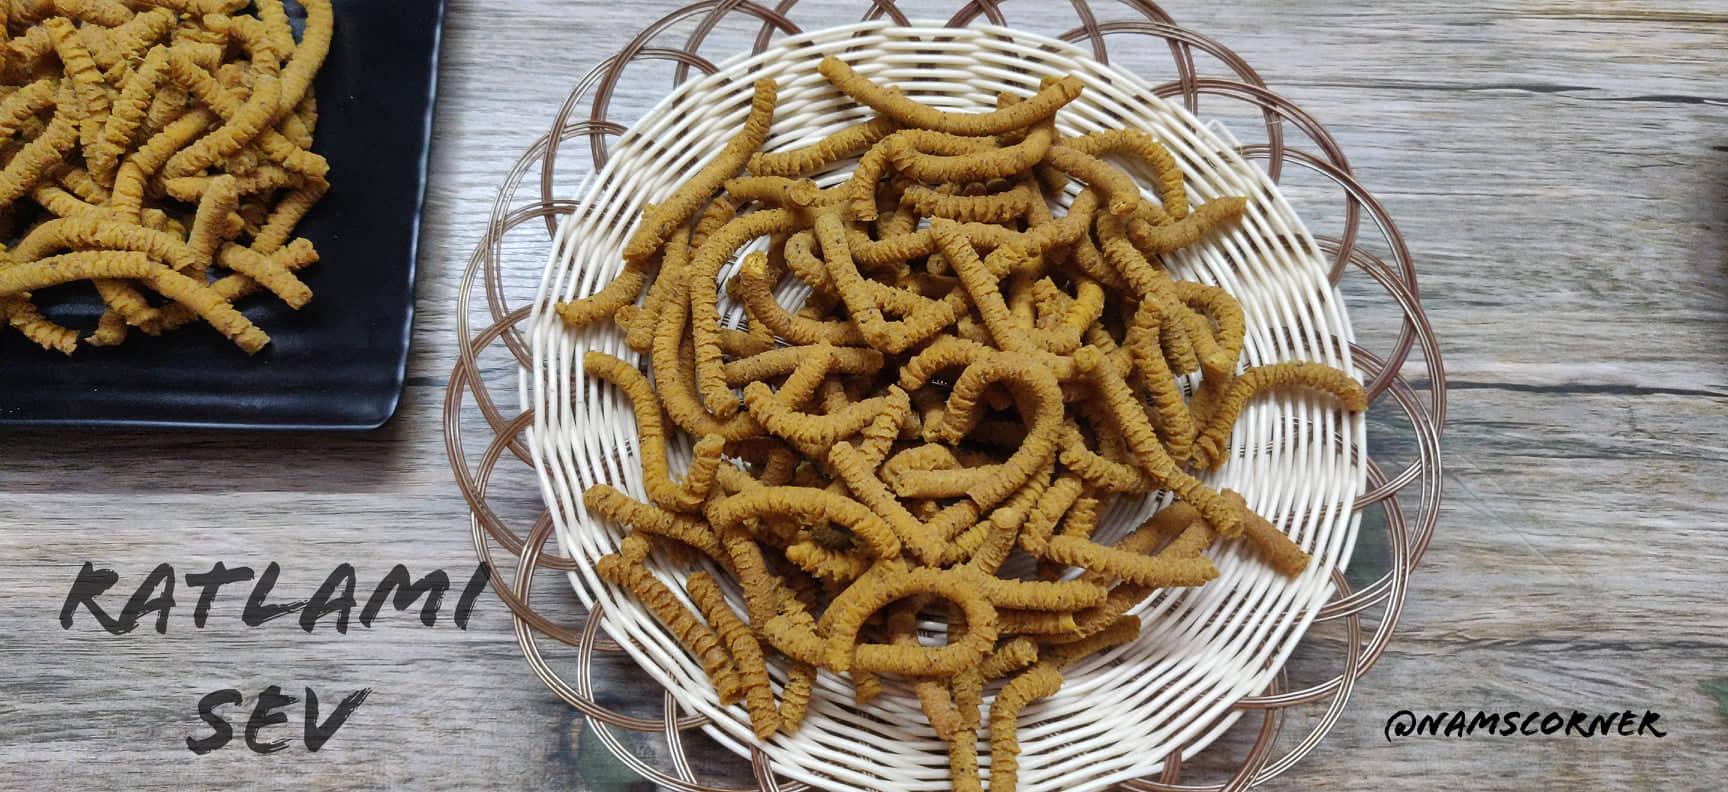 Ratlami Sev Recipe   How to make Ratlami Sev